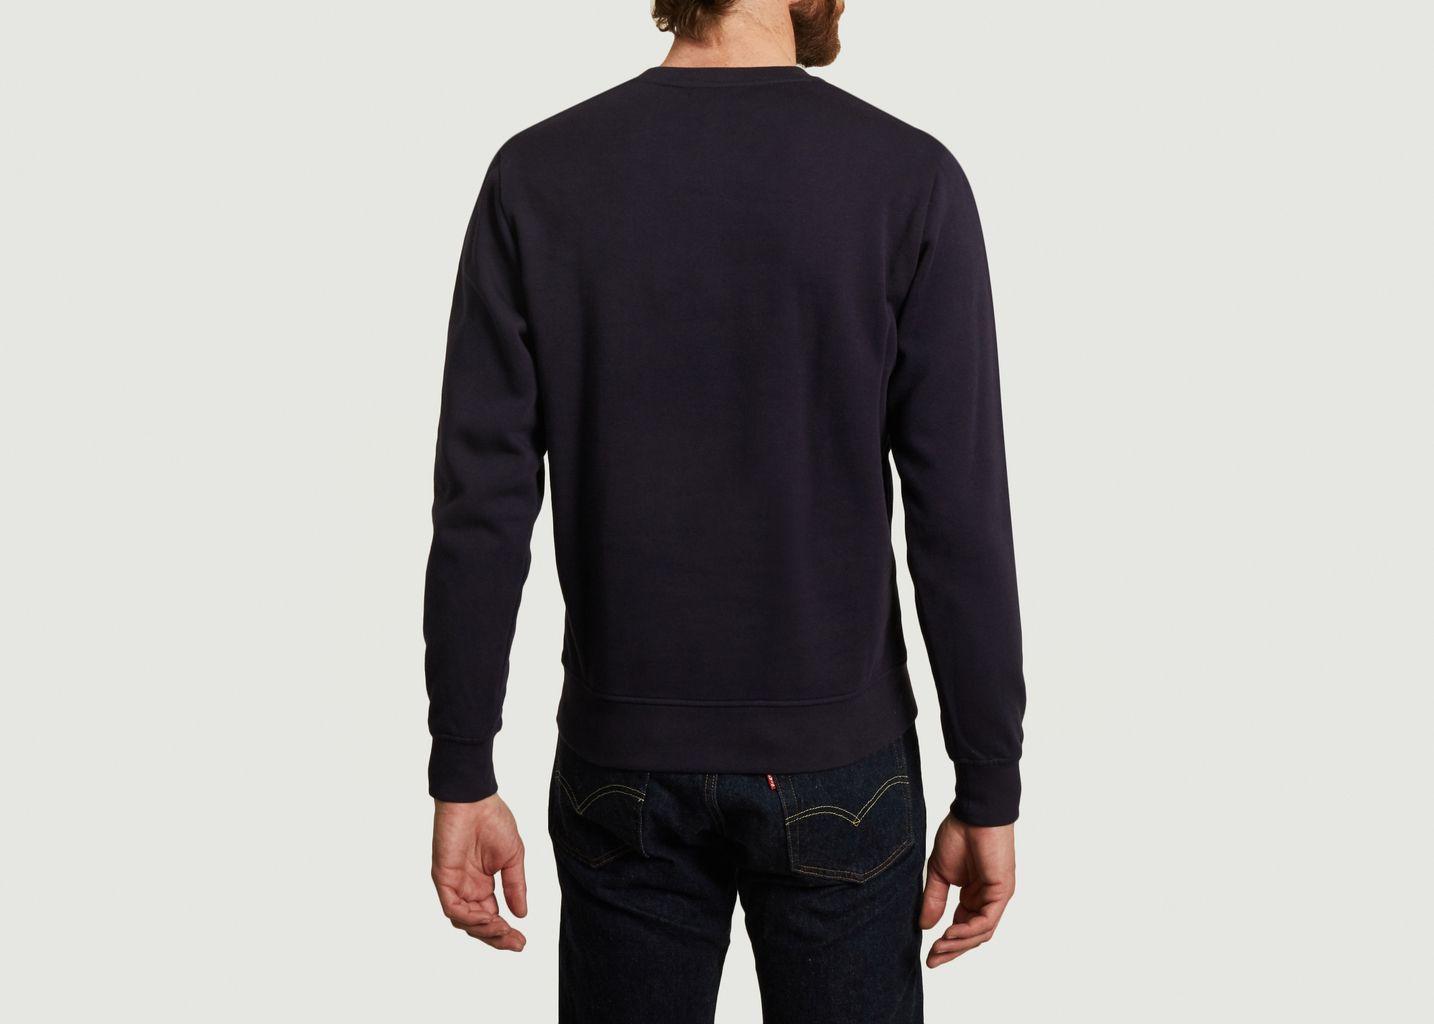 Sweatshirt en coton bio avec broderie Colorful Fish - Olow